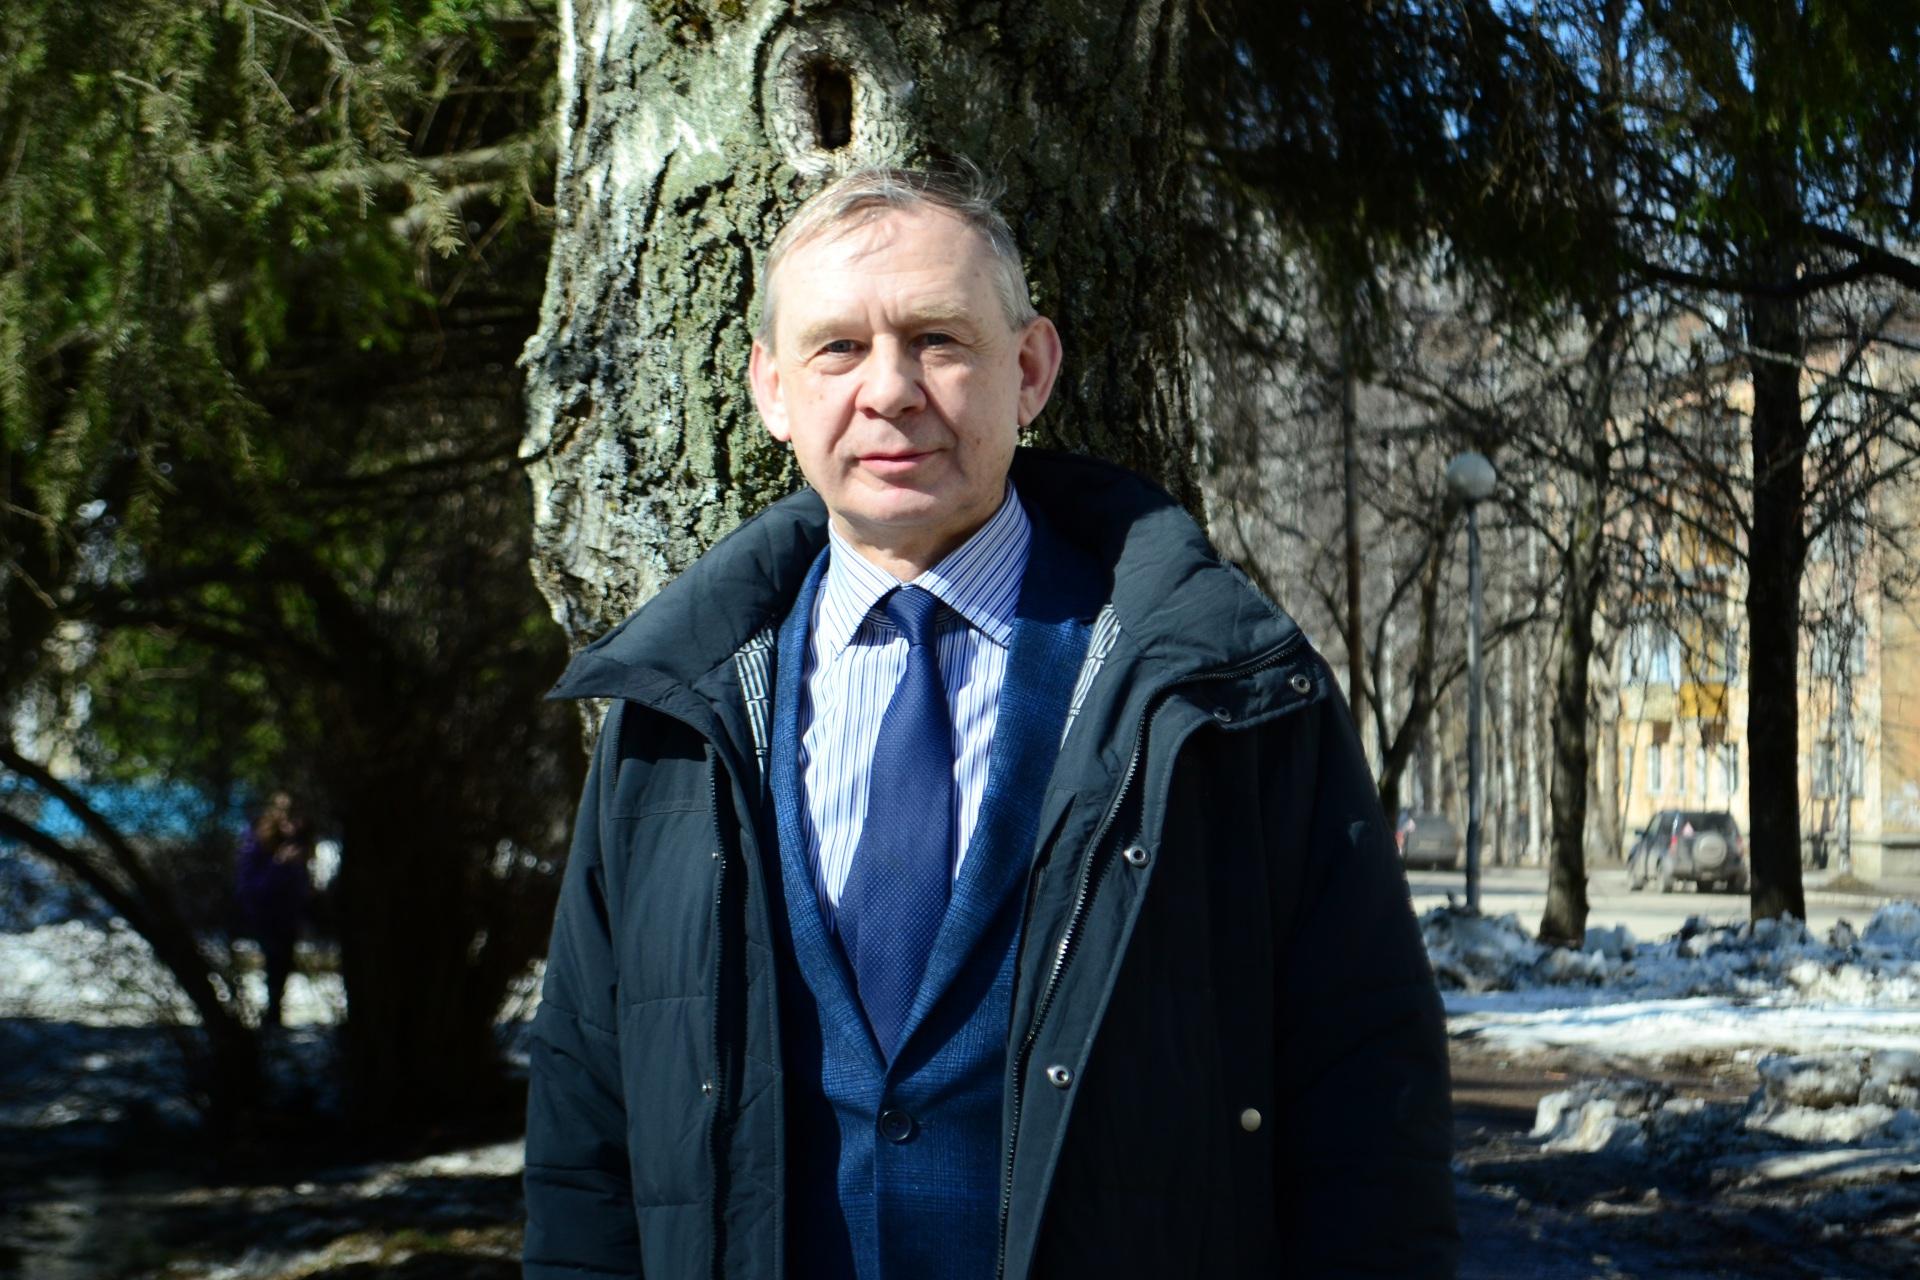 Иван Лавреш: ЦИТ намерен сохранить за собой статус крупнейшей ИТ-компании Коми